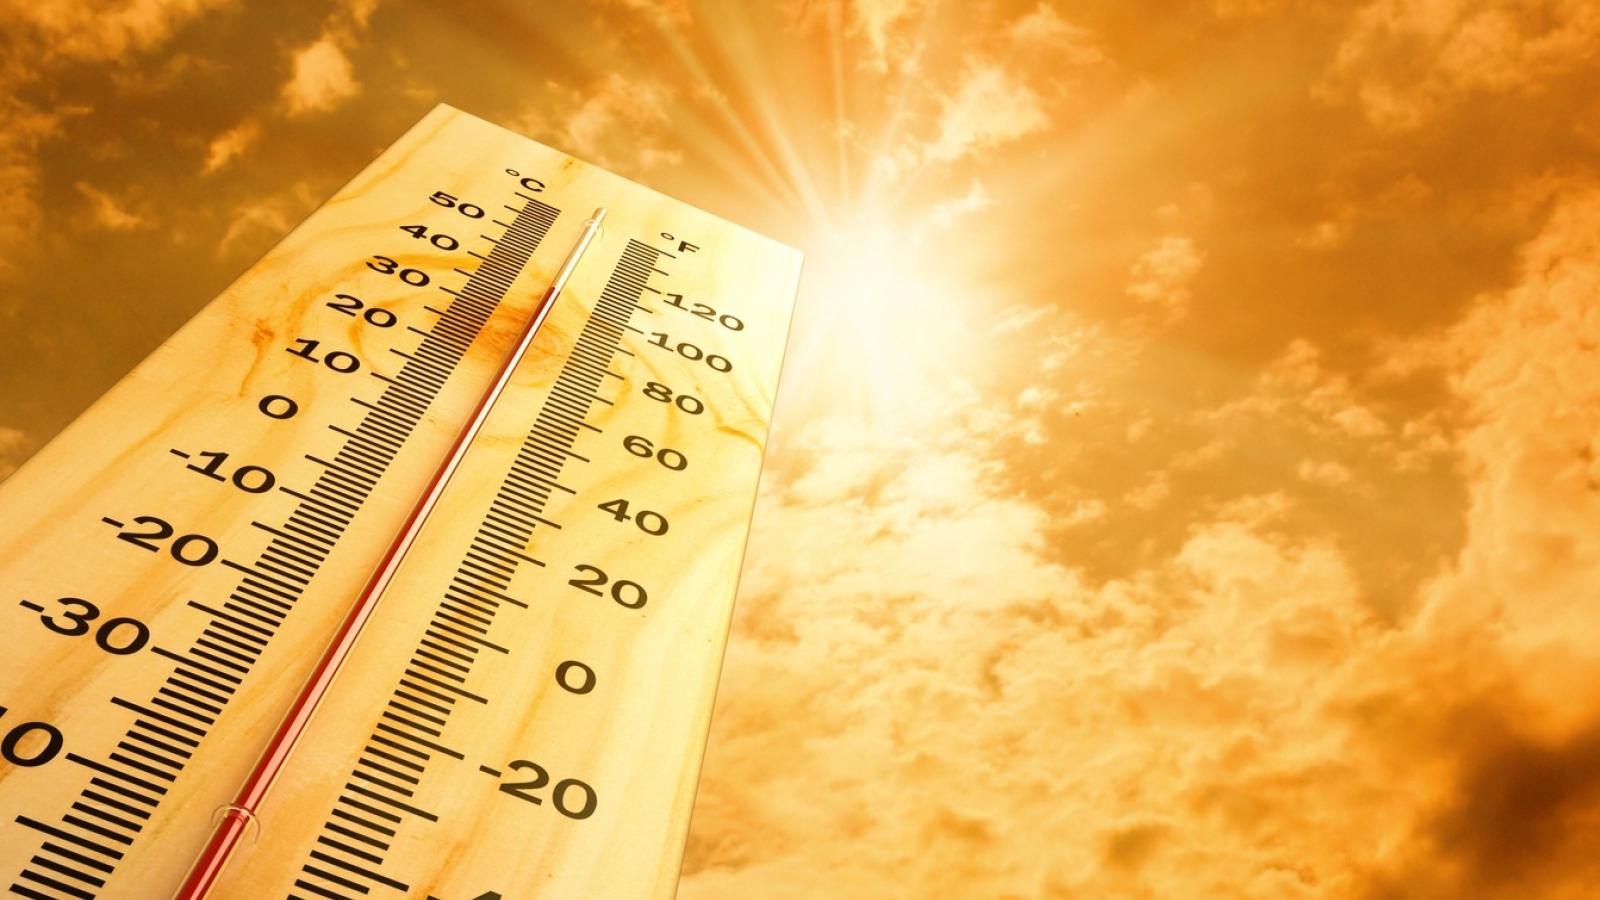 Thời tiết ngày 30/3: Hà Nội nắng nóng, phía Tây Bắc Bộ khả năng xảy ra lốc, sét